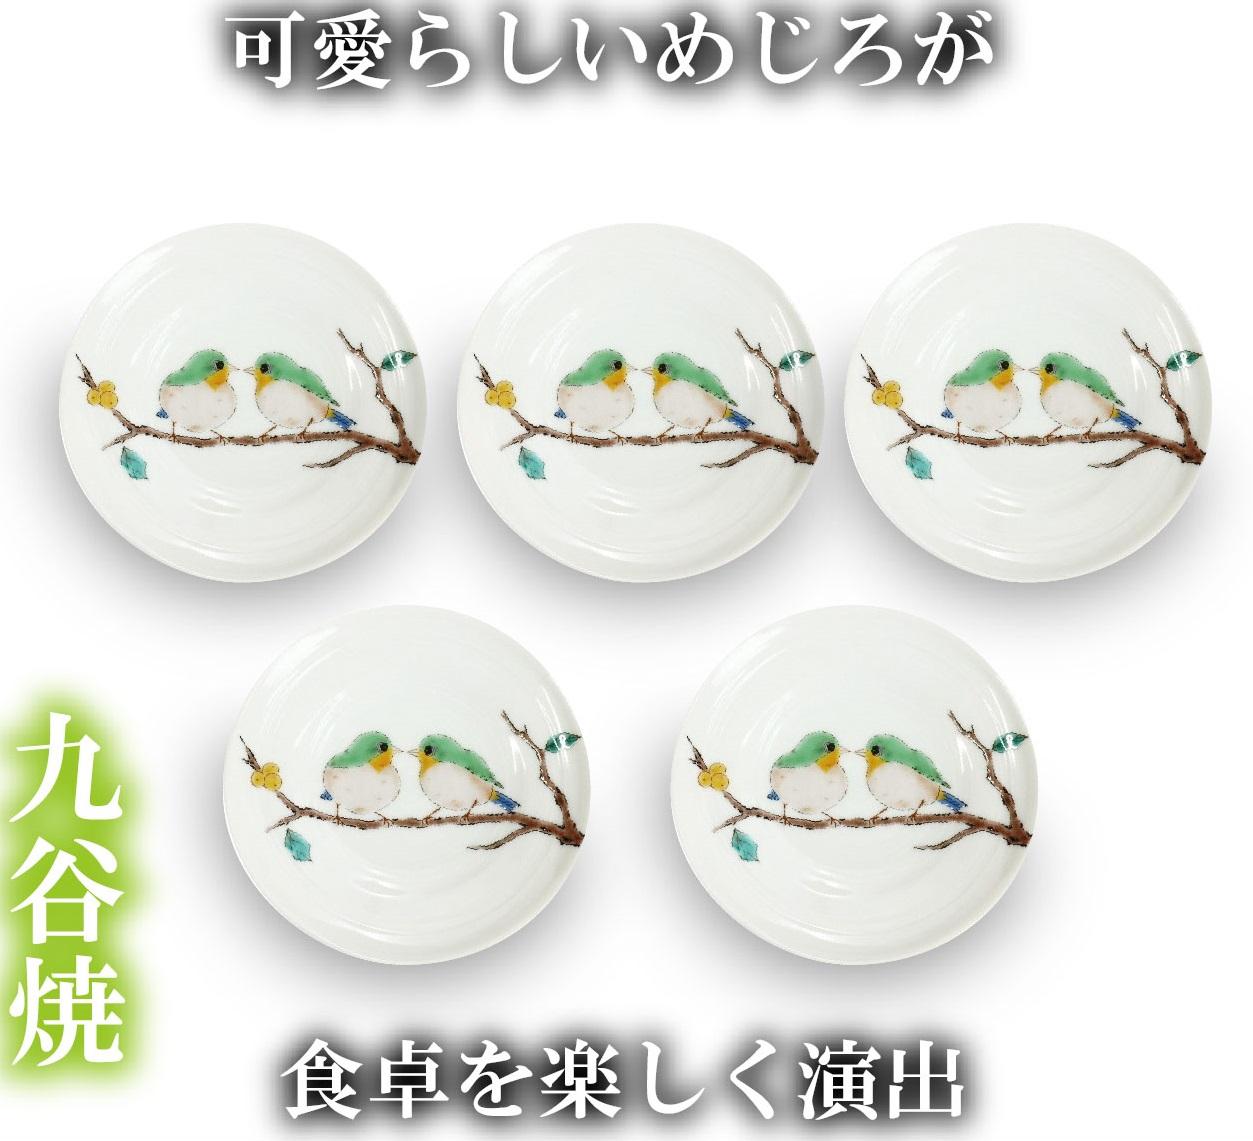 【ふるさと納税】010081. 皿揃(3号) めじろ